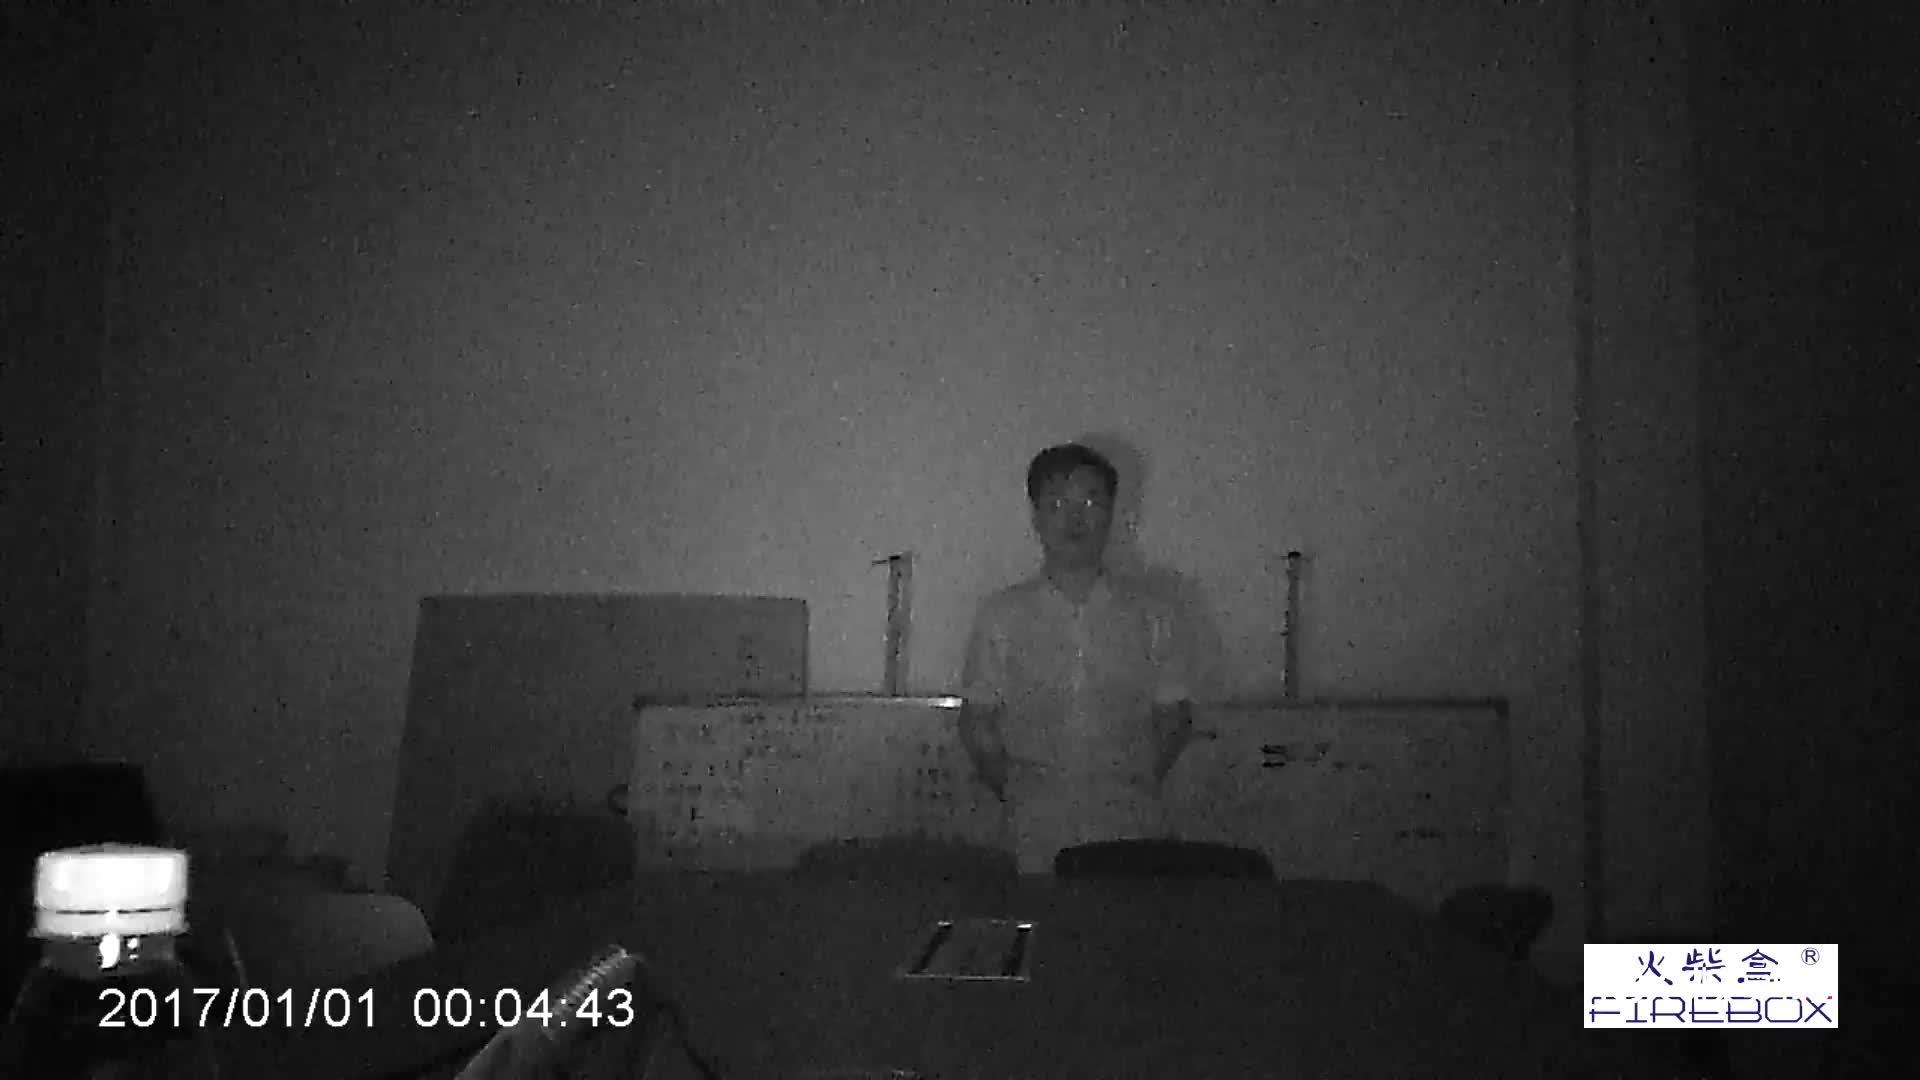 Fabrika fiyat siyah HD fotoğraf hareket algılama küçük boyutlu cctv hd mini gizli kamera gece görüş